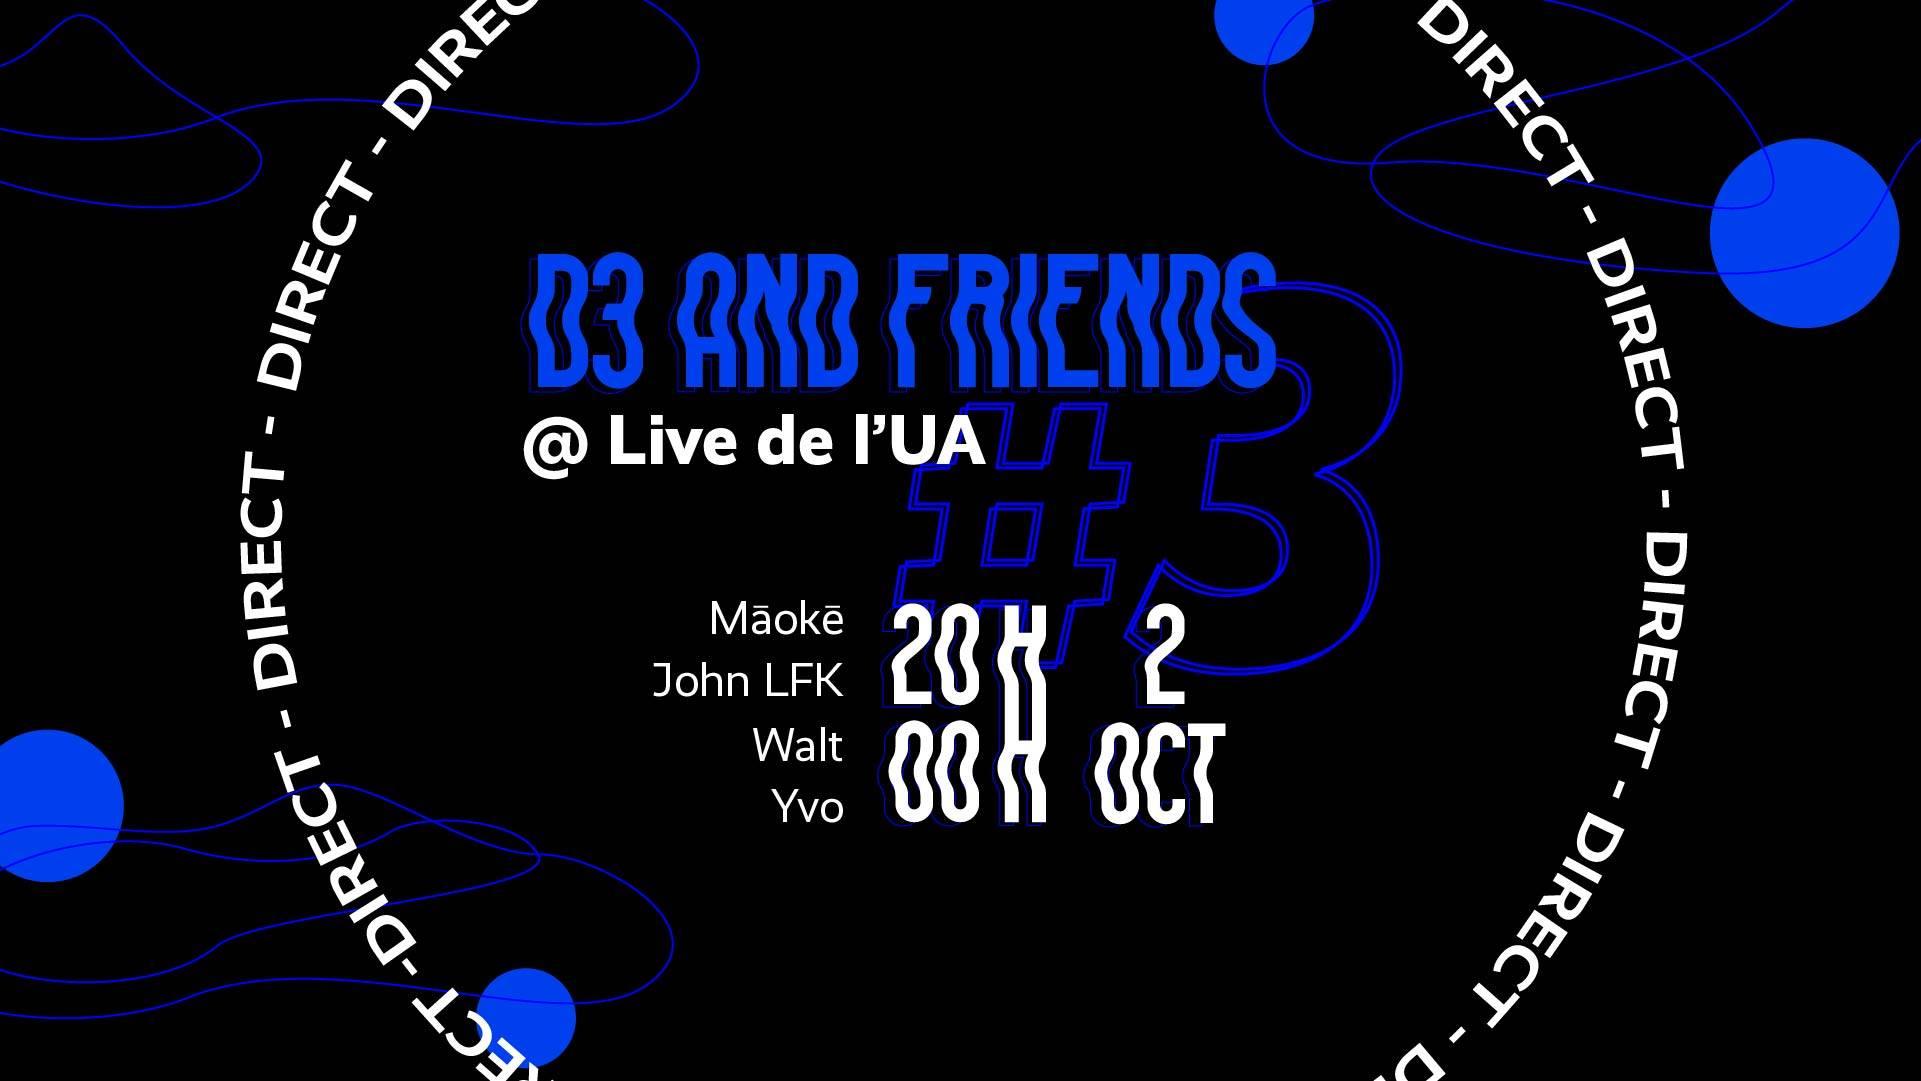 D3 and friends @Live de L'UA | Angers 🇫🇷